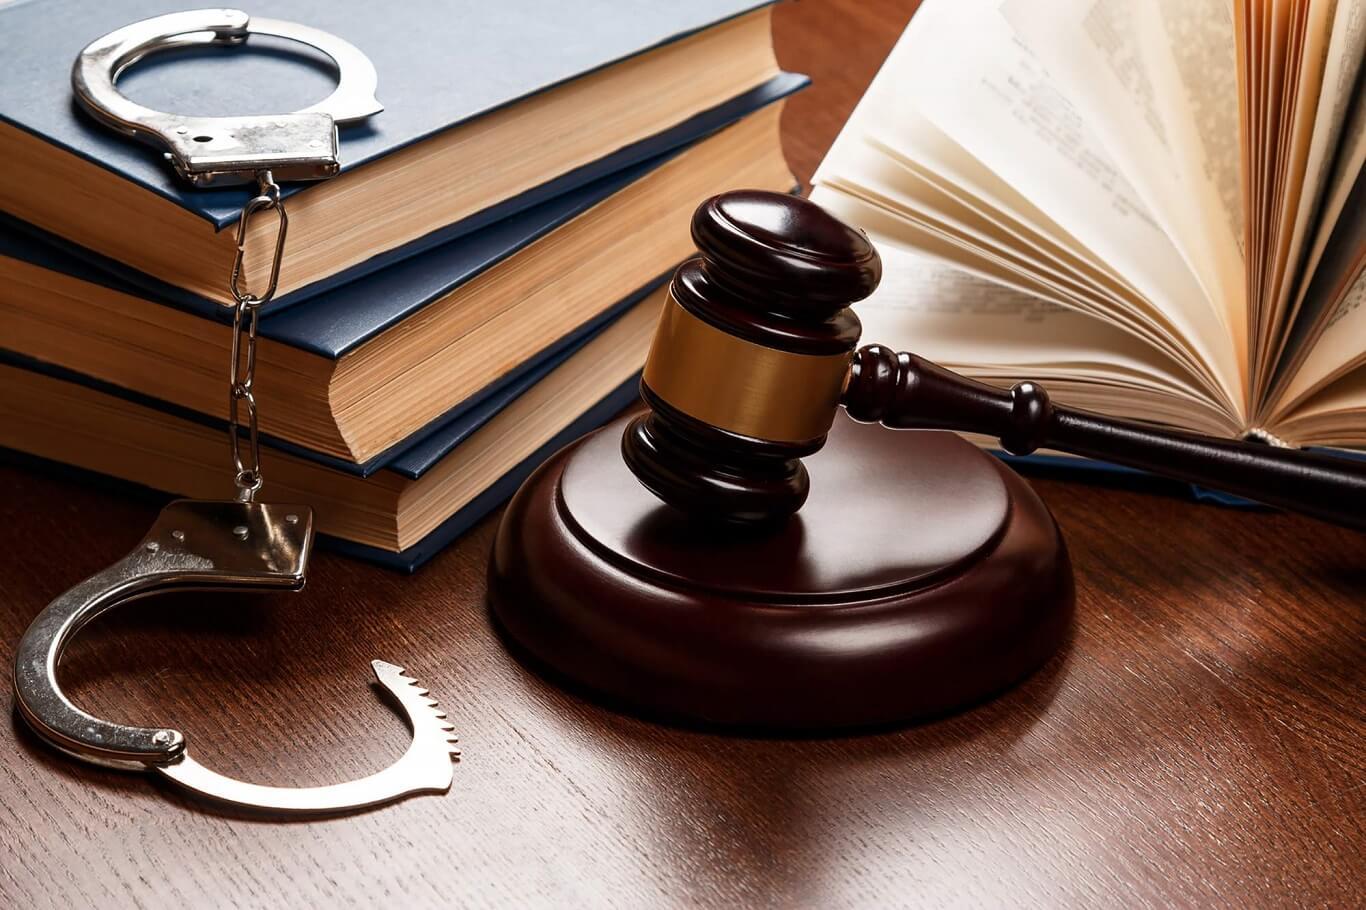 definition criminal justice system